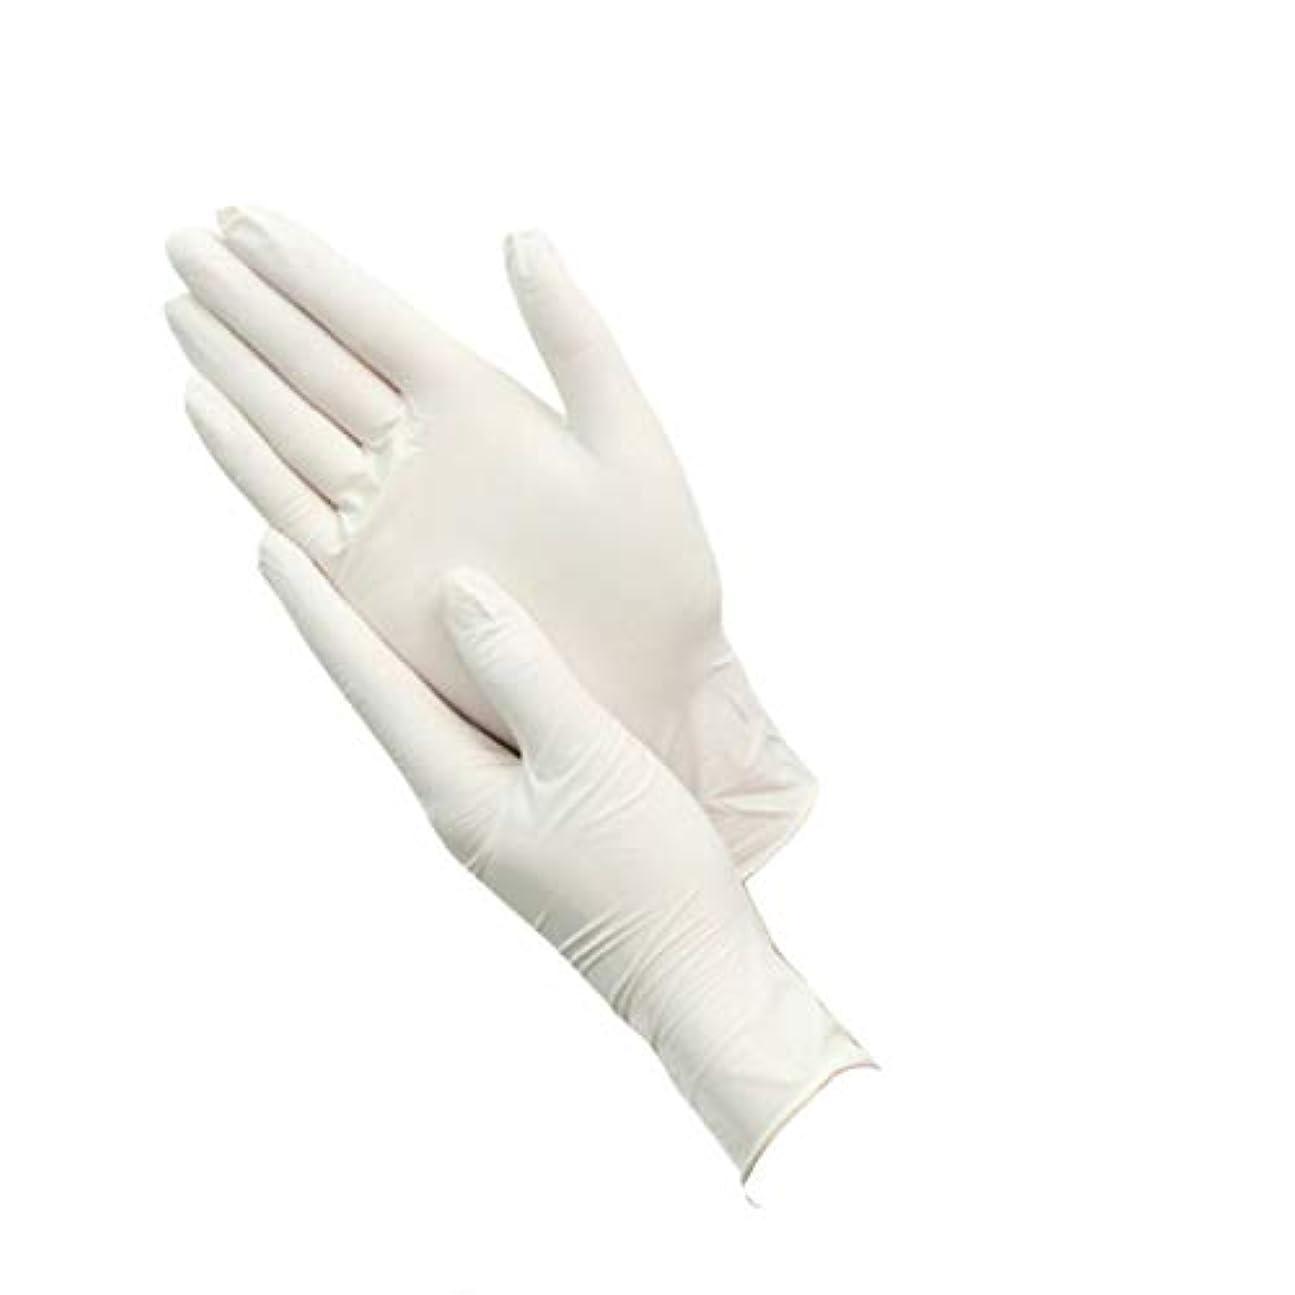 マッシュ観光に行くに負ける使い捨て手袋グッド100グラム増量ニトリルブタジエンゴム (サイズ さいず : XL)